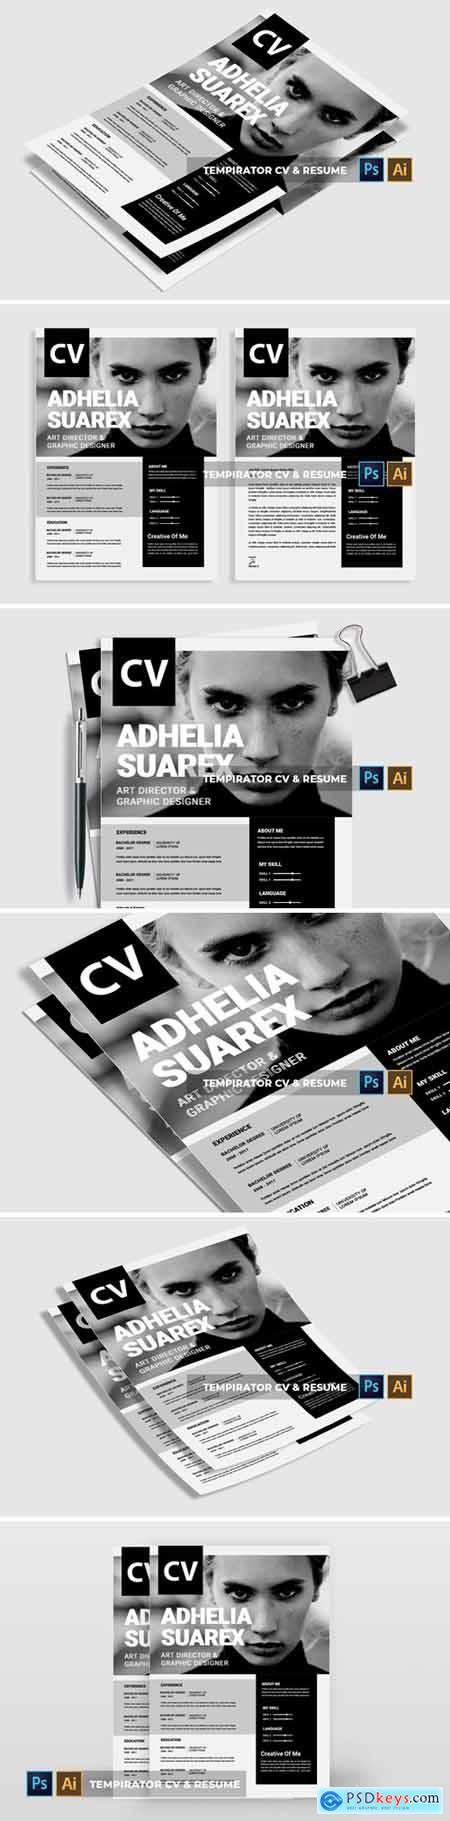 Tempirator - CV & Resume